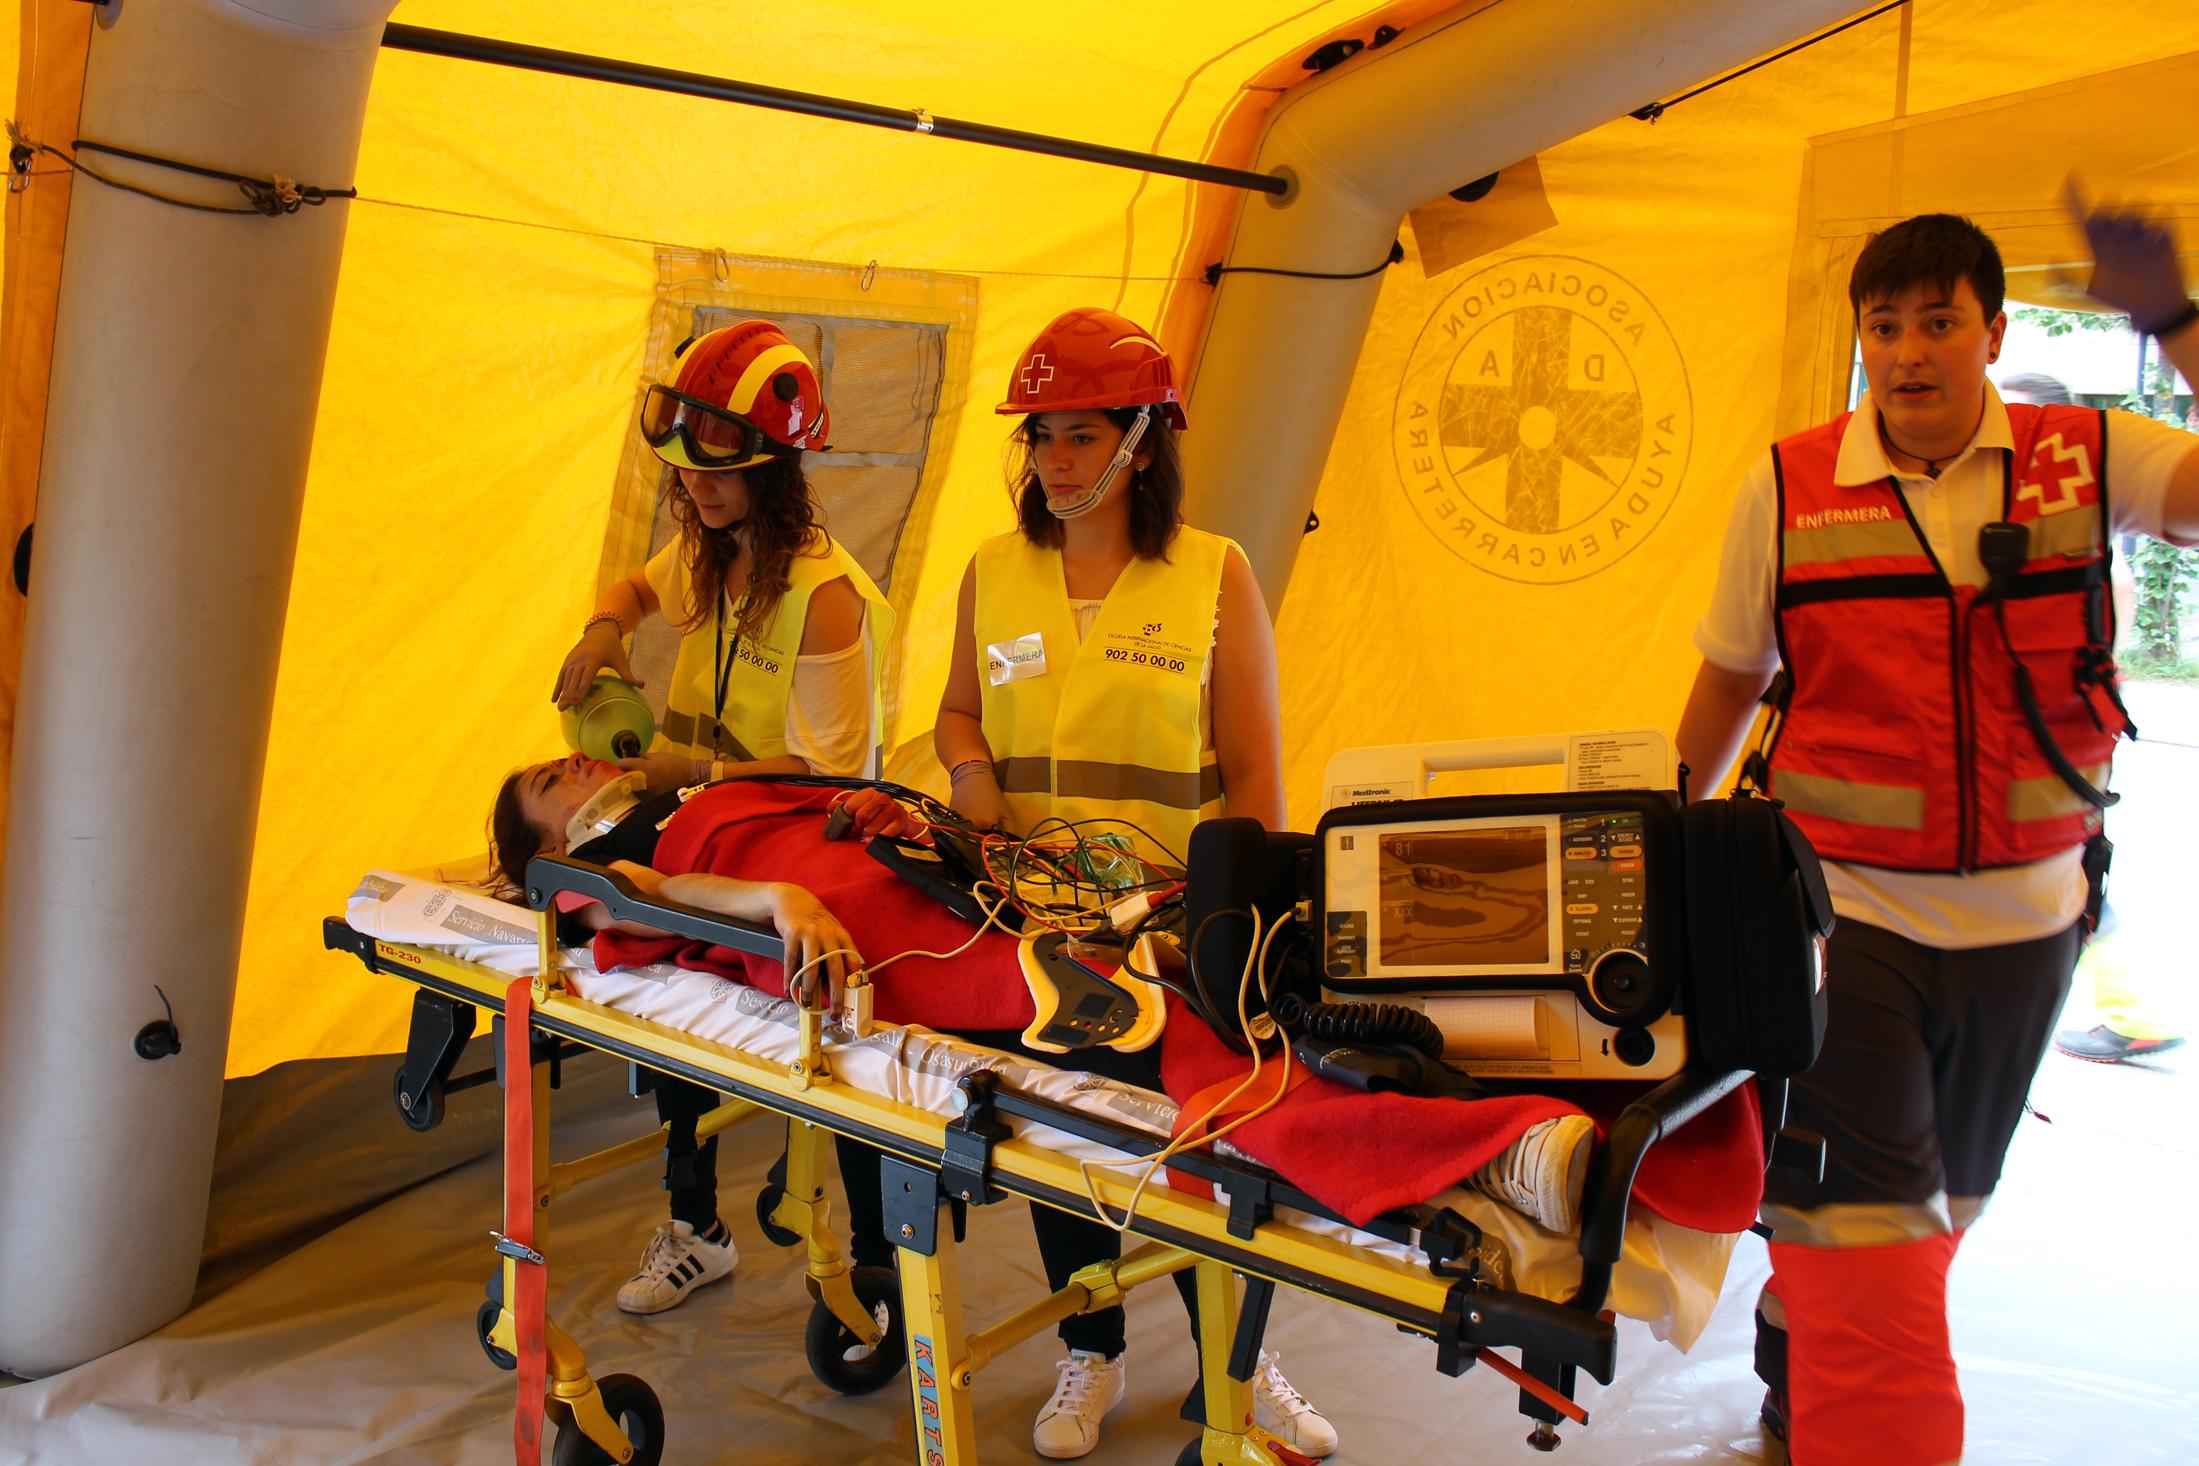 Cerca de 70 personas participan en un simulacro de incendio en la residencia Amavir Argaray de Pamplona